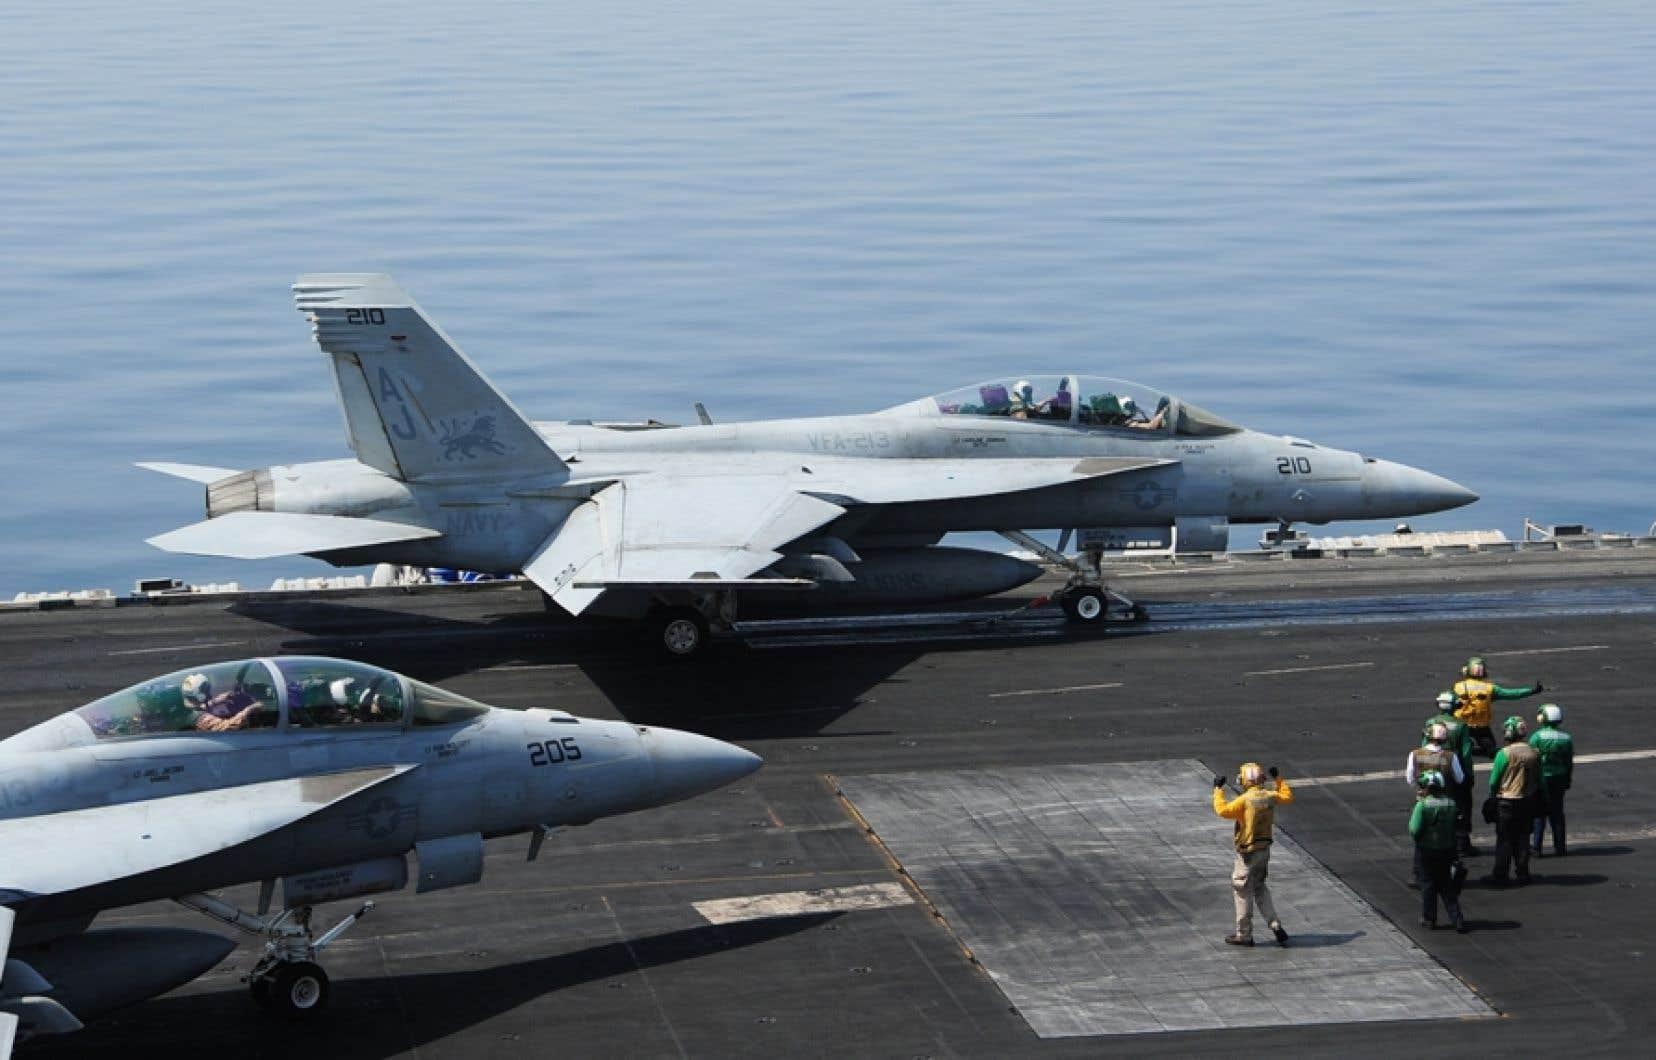 Des avions de chasses américains se déplacent sur le pont du porte-avion George H.W. Bush, dans le golfe Persique.